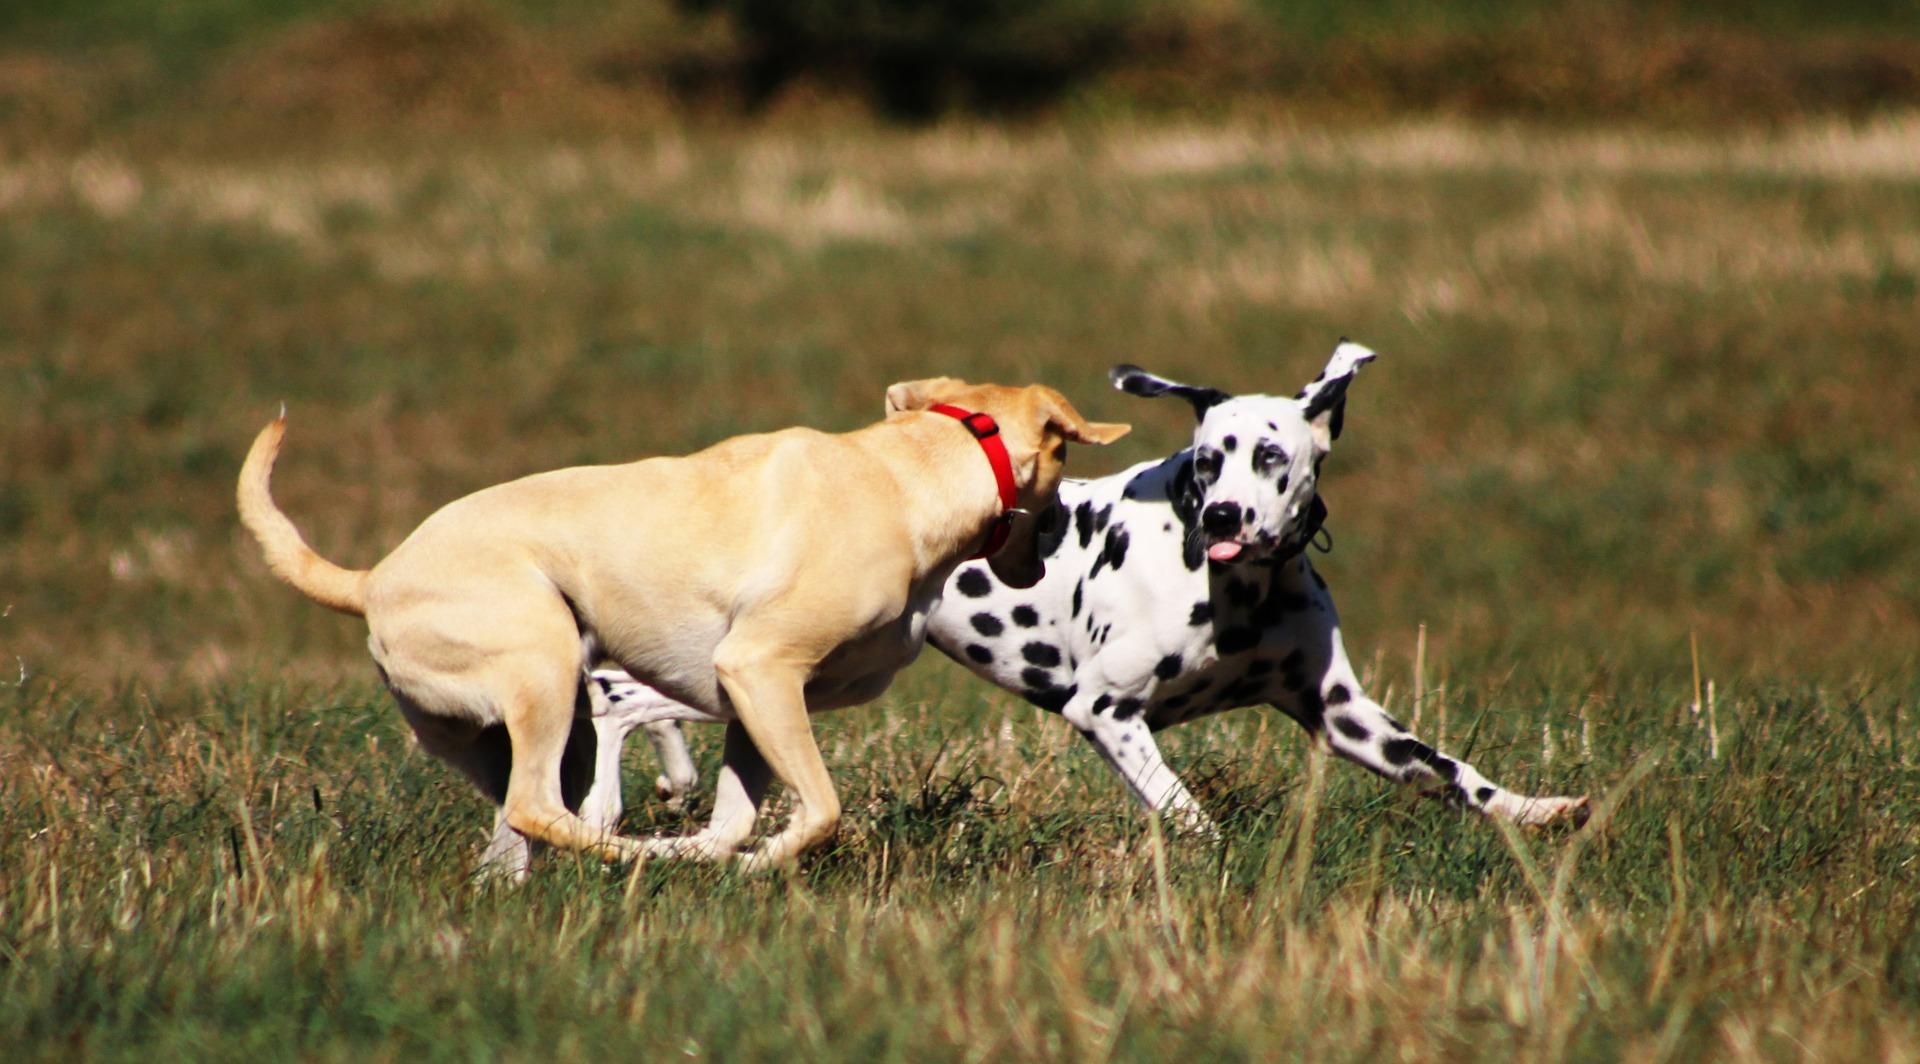 Hotel dla psów zapewnia profesjonalną opiekę zwierzętom, których opiekunowie muszą wyjechać na jakiś czas, a nie mają z kim zostawić pupila.